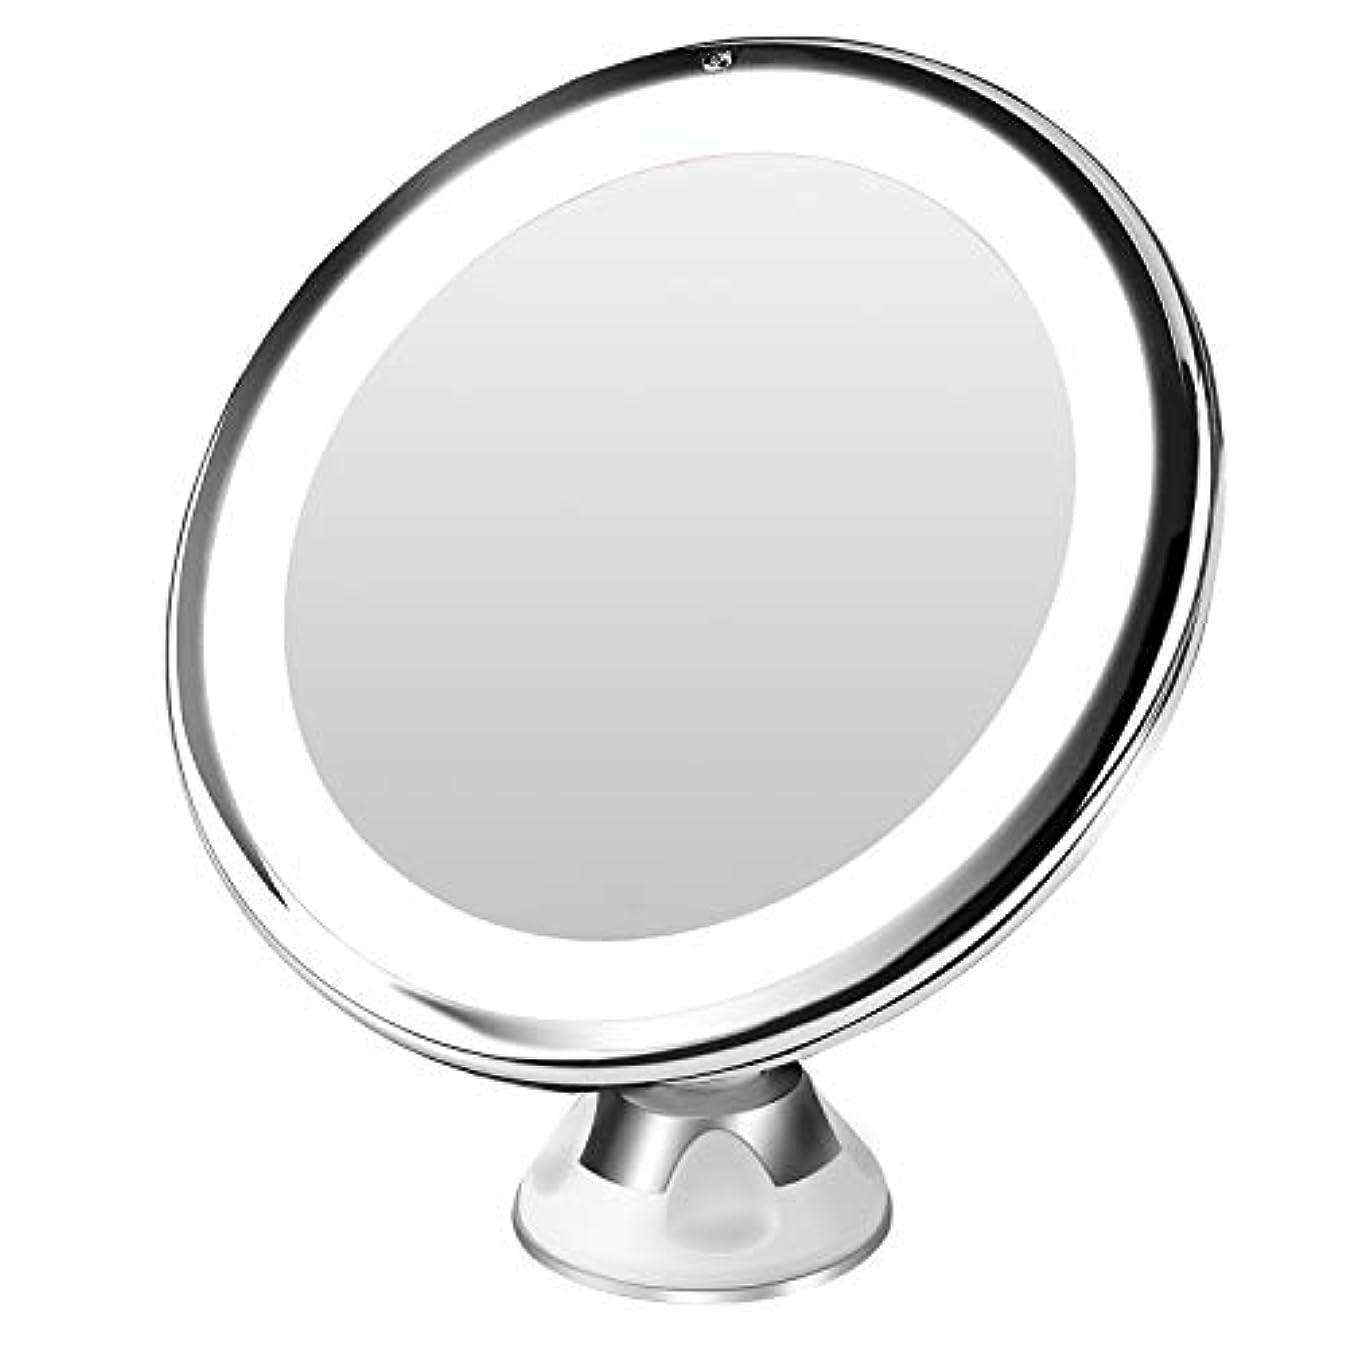 半径はがきゴミBESTOPE 10倍拡大鏡 LED化粧鏡 浴室鏡 卓上鏡 曇らないミラー 吸盤ロック付きLEDミラー 壁掛けメイクミラー 360度回転スタンドミラー 単四電池&USB給電(改良版)